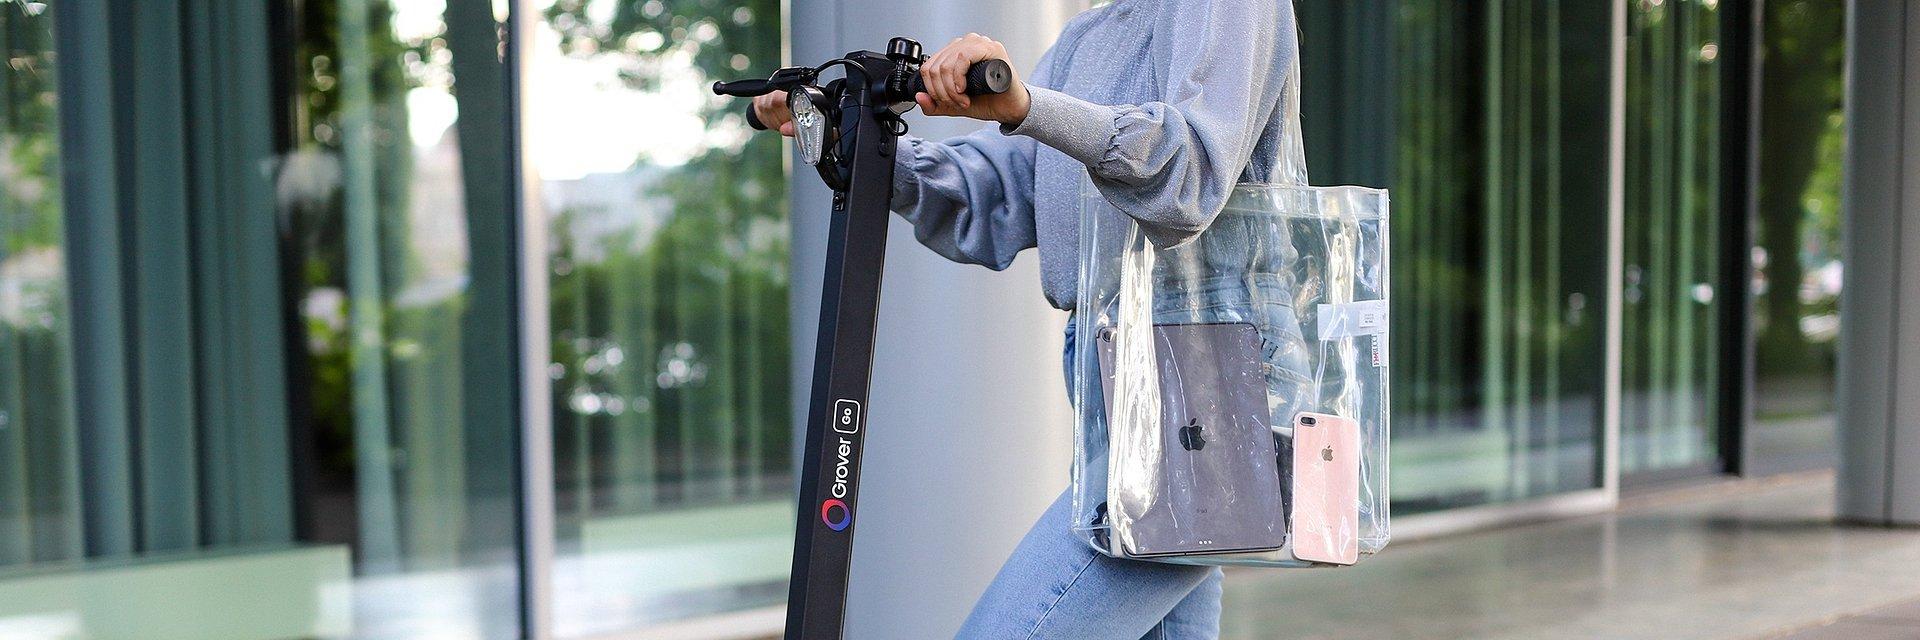 E-Scooter to go: MediaMarkt und Saturn vermieten ab sofort bundesweit mit Grover Elektro-Tretroller